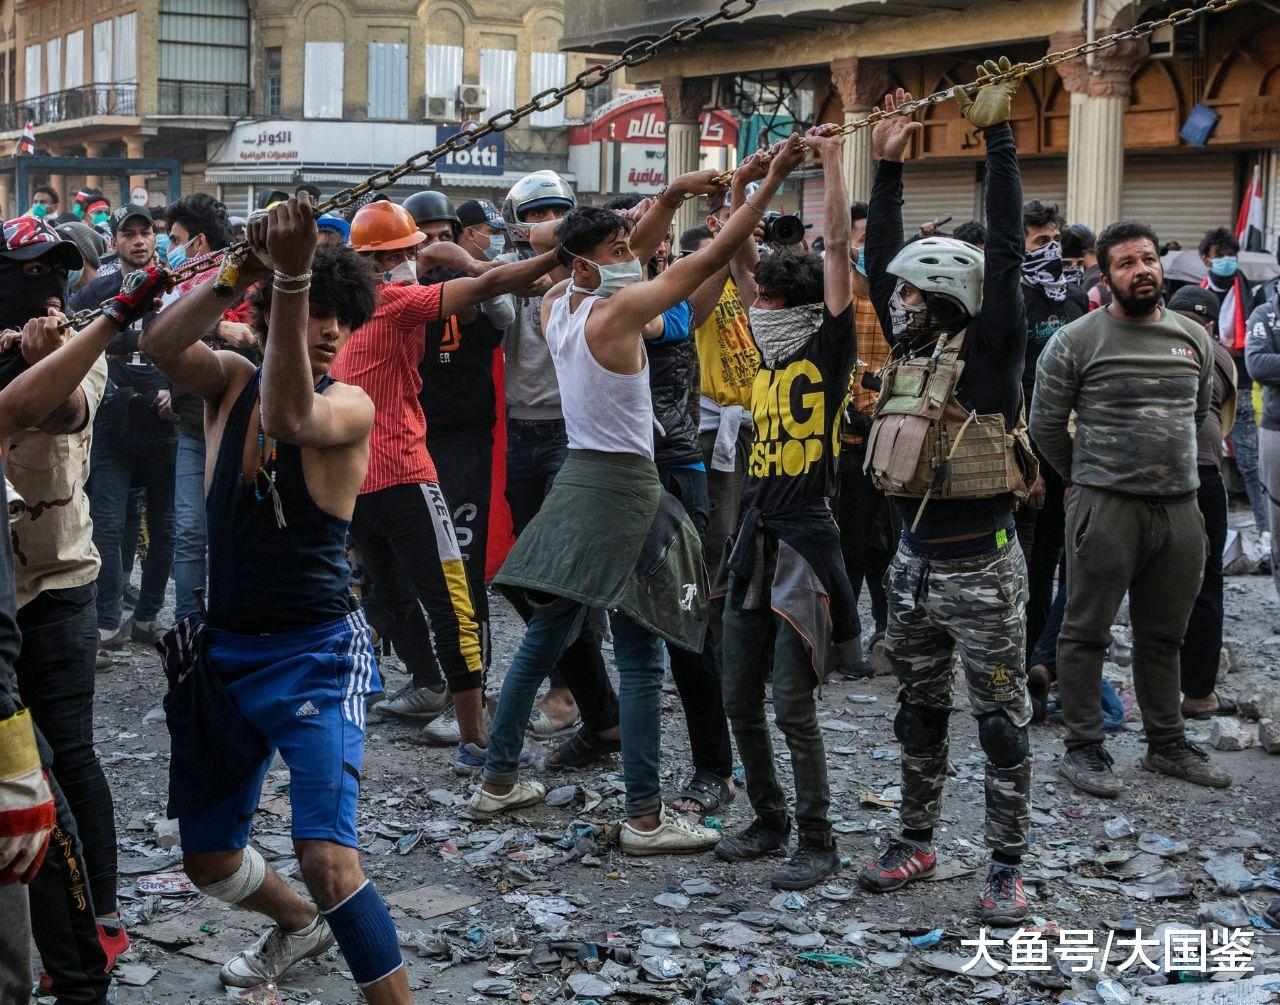 大批暴徒遭特种兵打死, 联合国警告立即停火, 不准军方出手镇暴